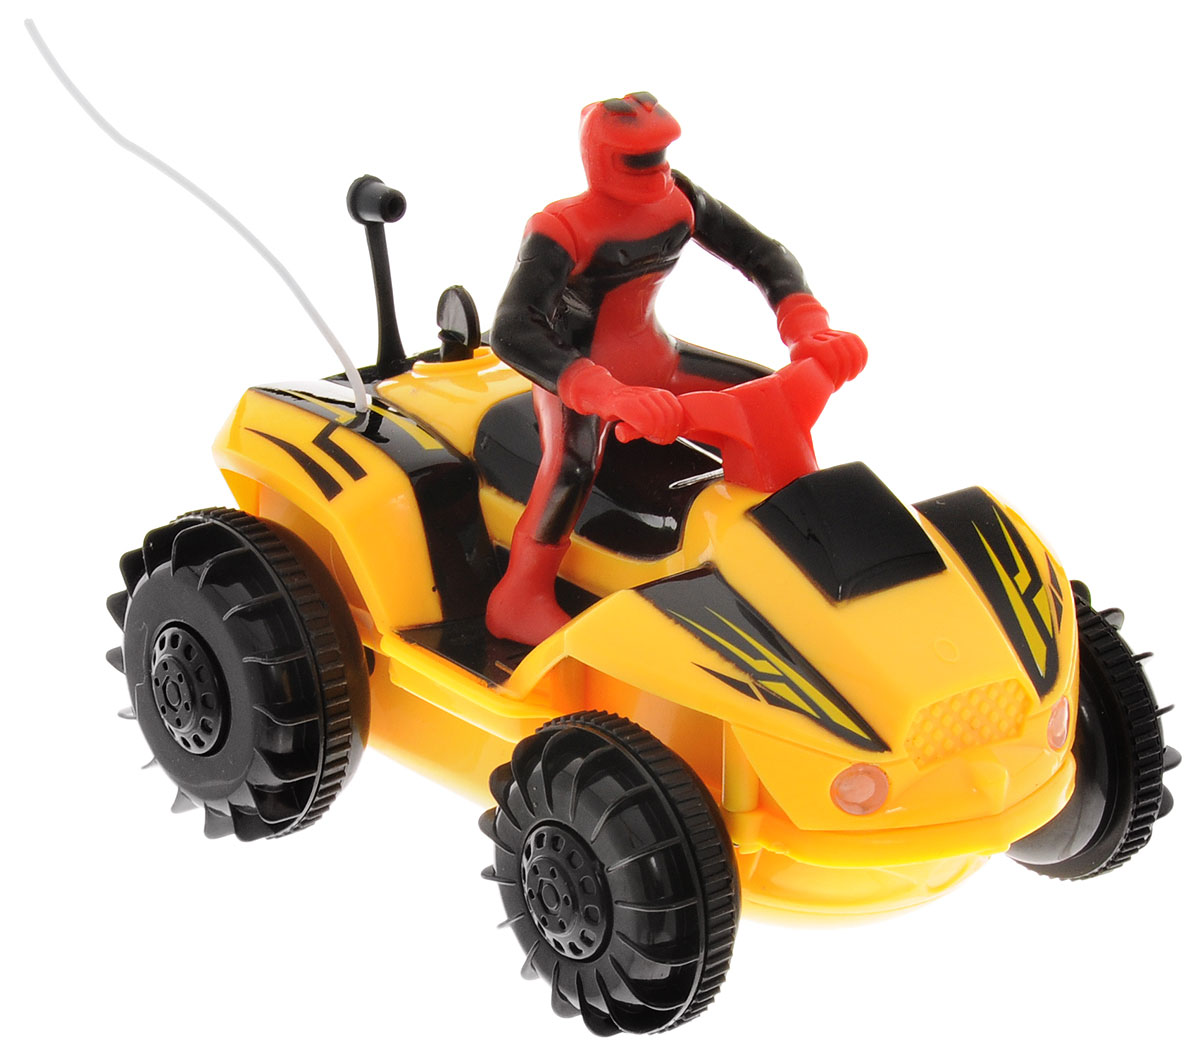 Pilotage Квадроцикл на радиоуправлении цвет желтый - Радиоуправляемые игрушки